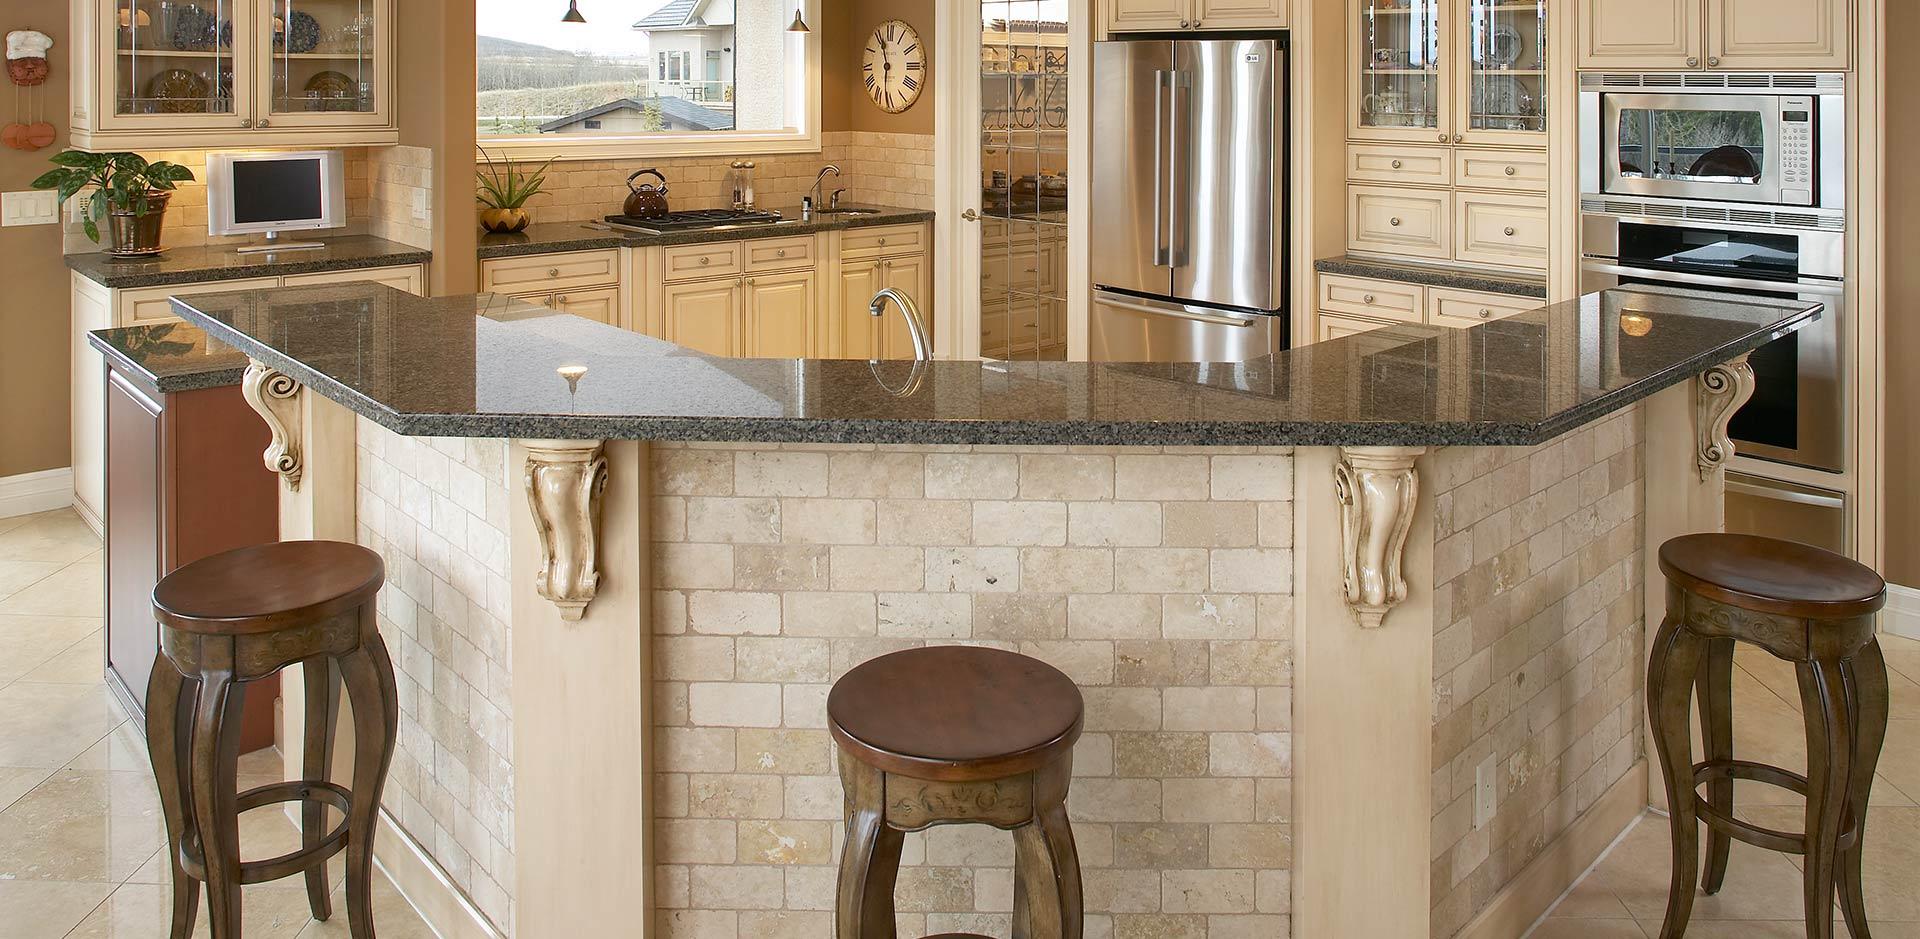 luxury-home-kitchen-4